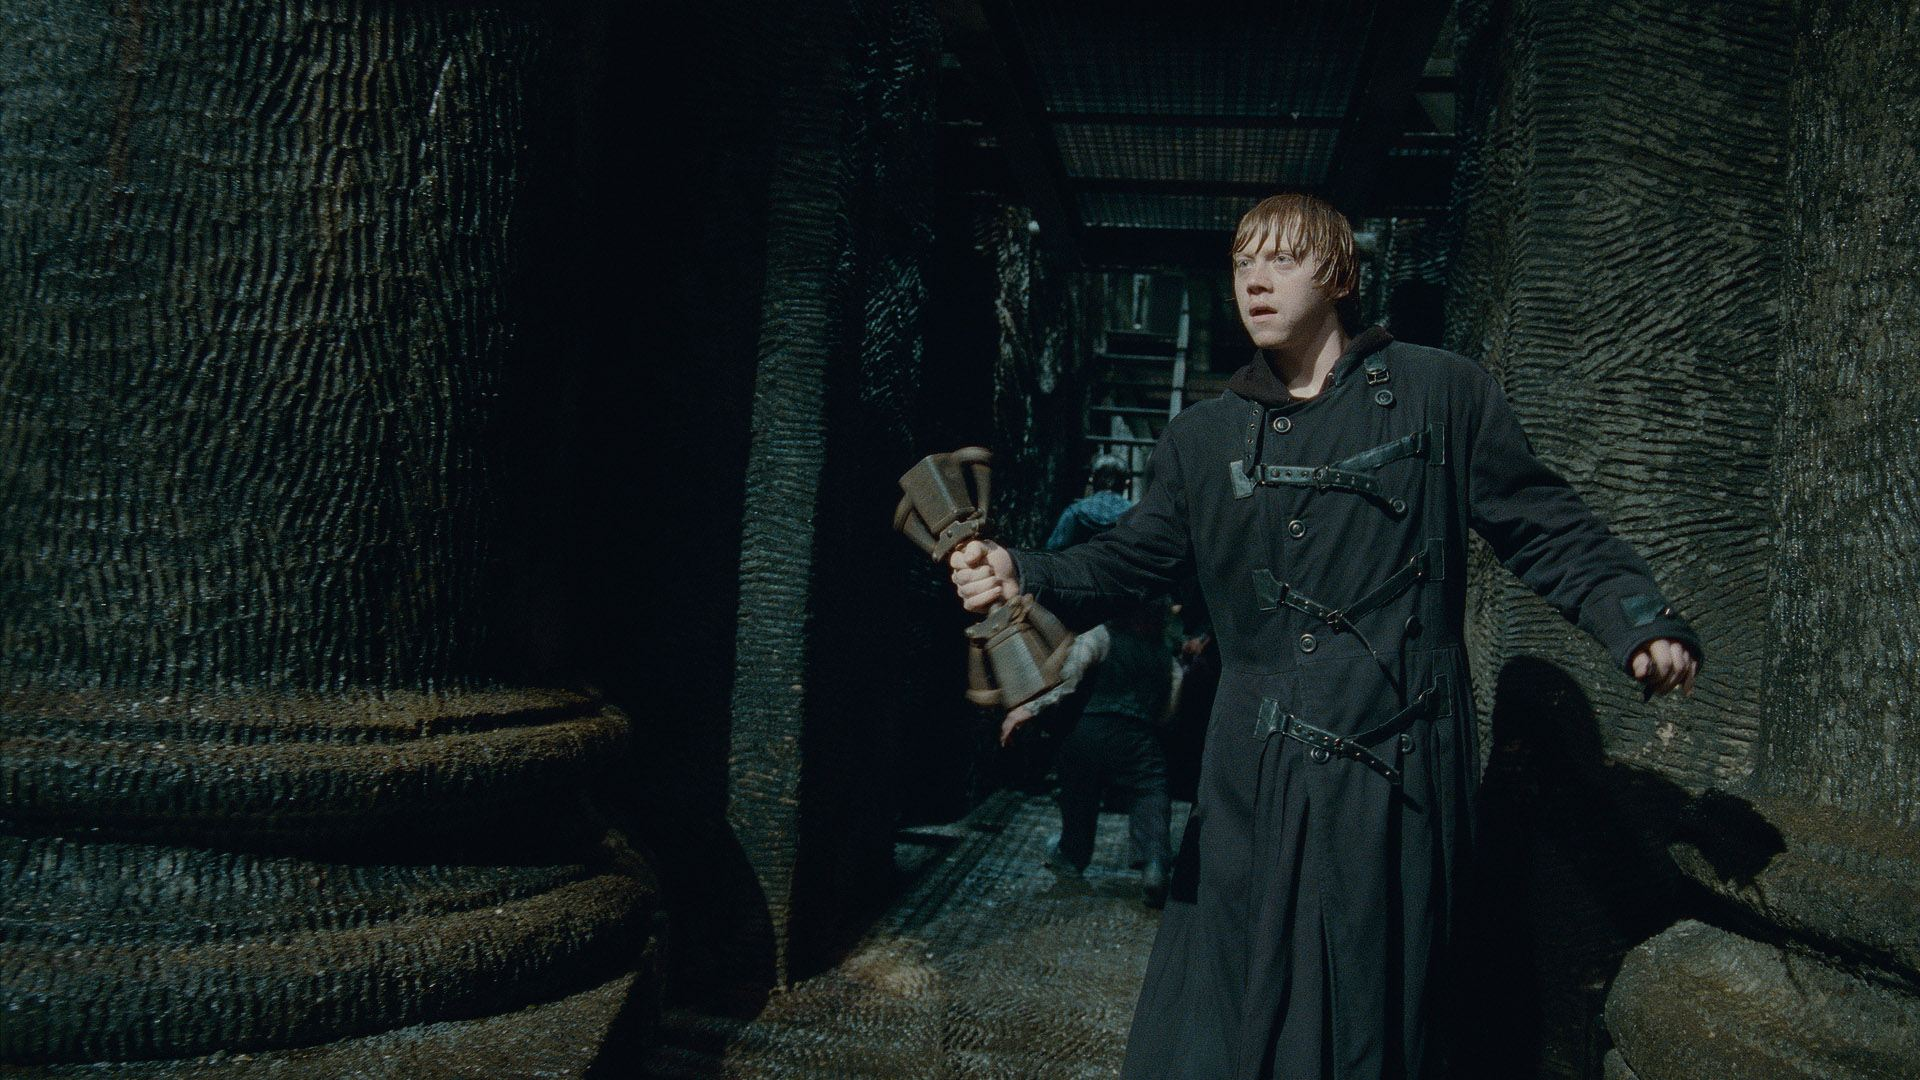 кадры из фильма Гарри Поттер и Дары Смерти: Часть вторая Руперт Гринт,